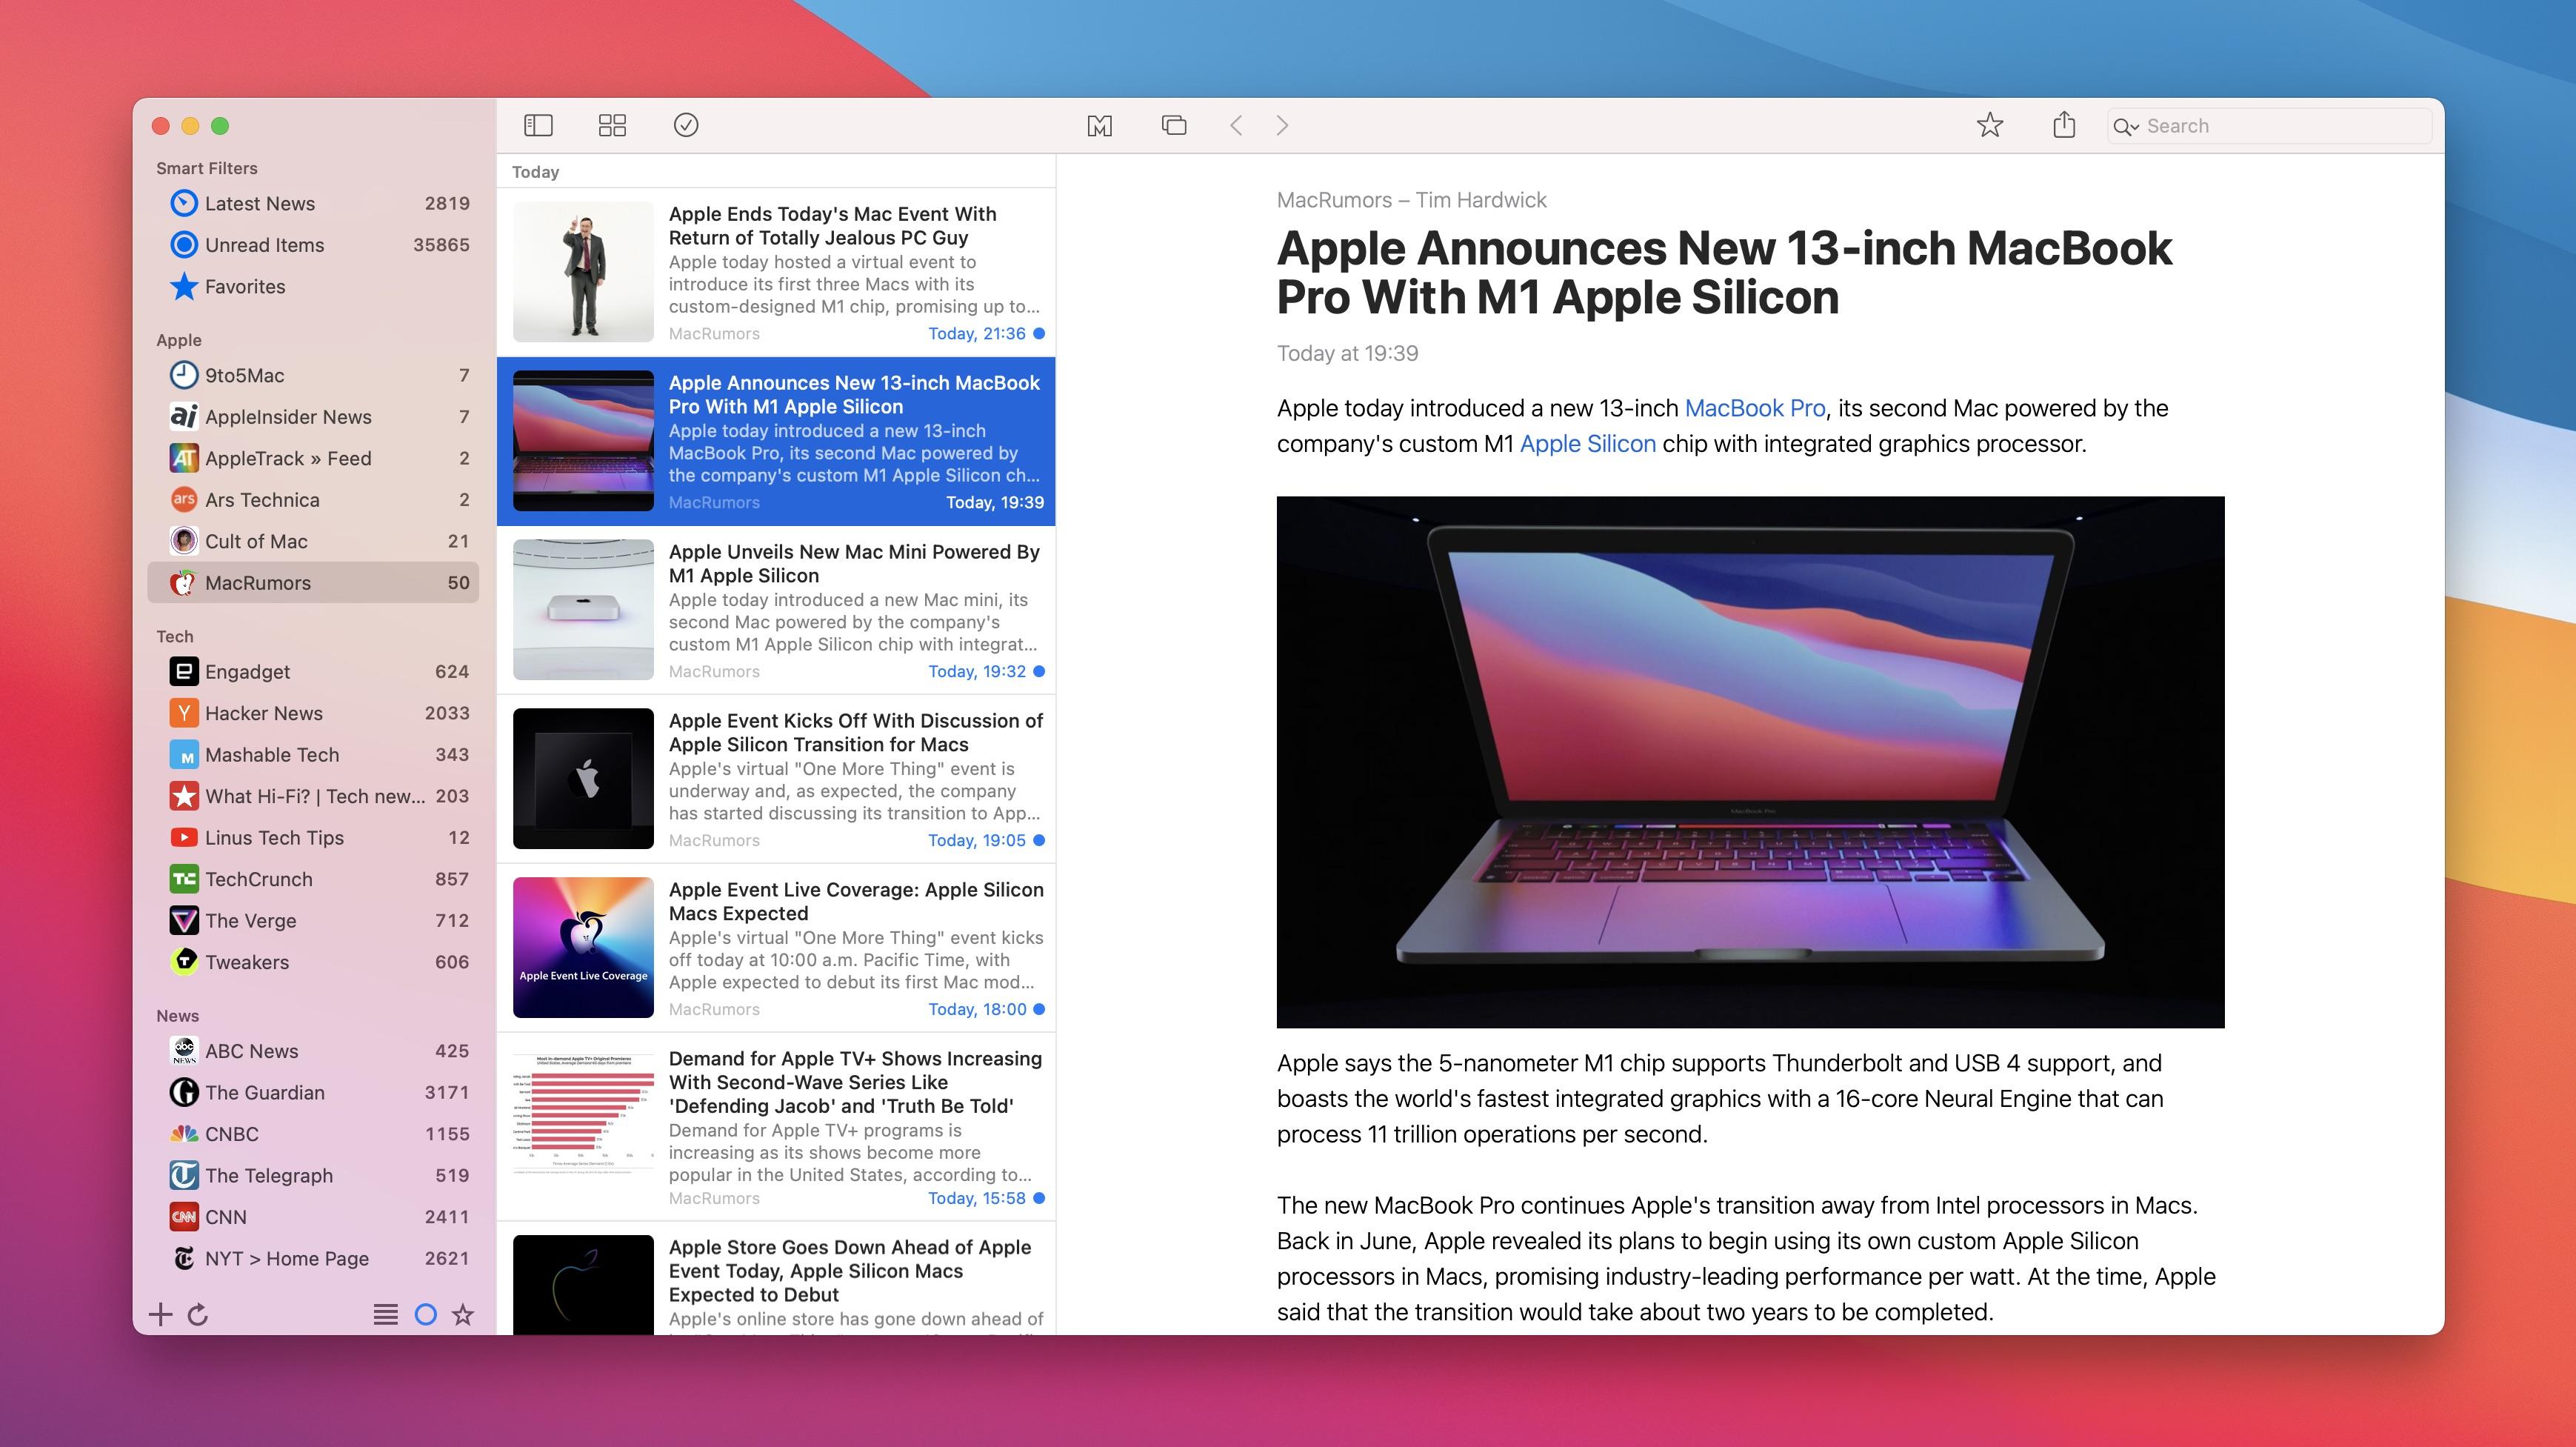 News Explorer 1.9.11